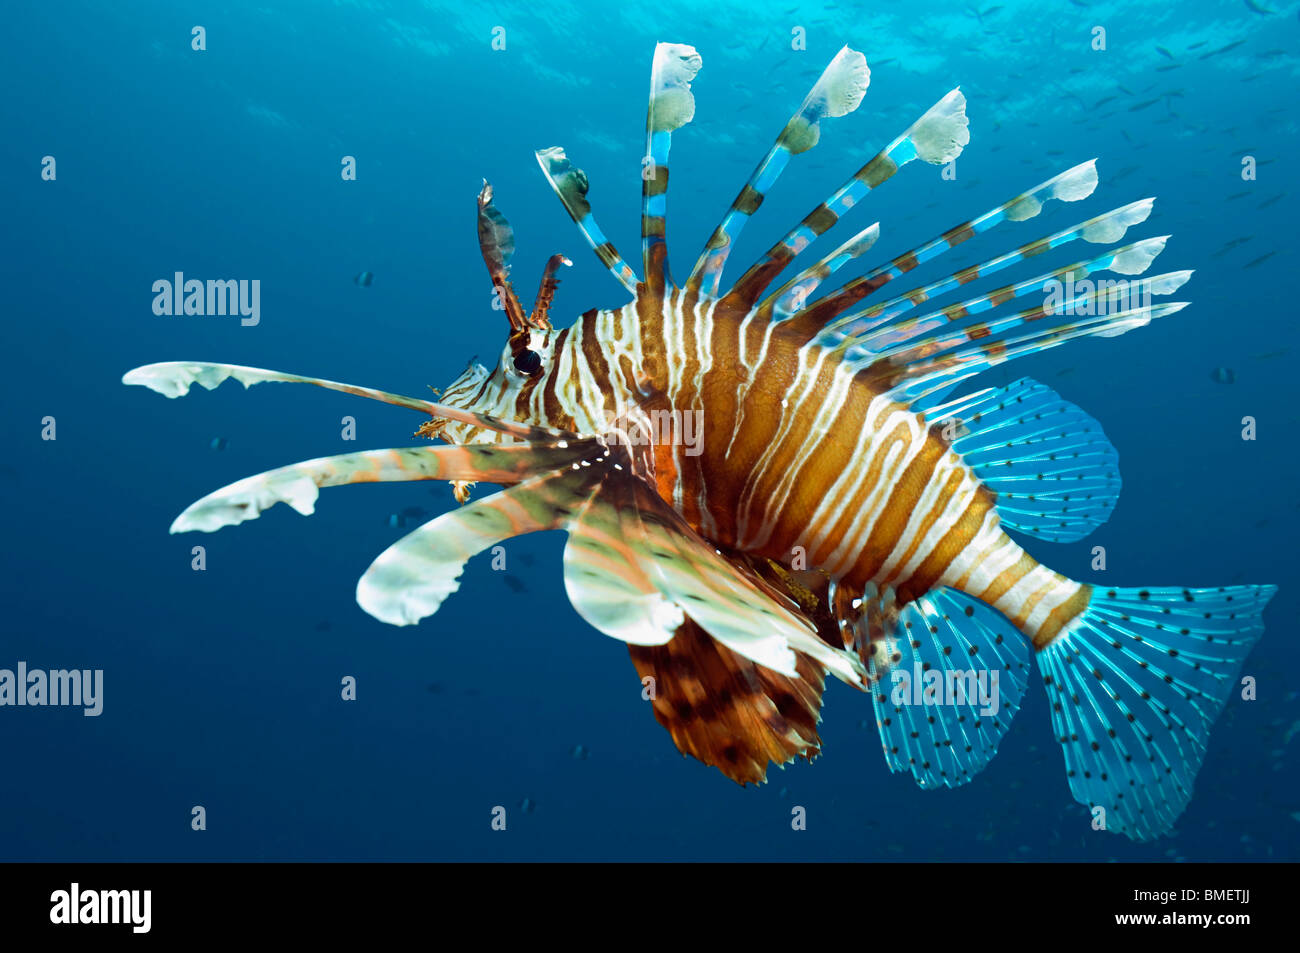 Feuerfische.  Ägypten, Rotes Meer. Stockbild